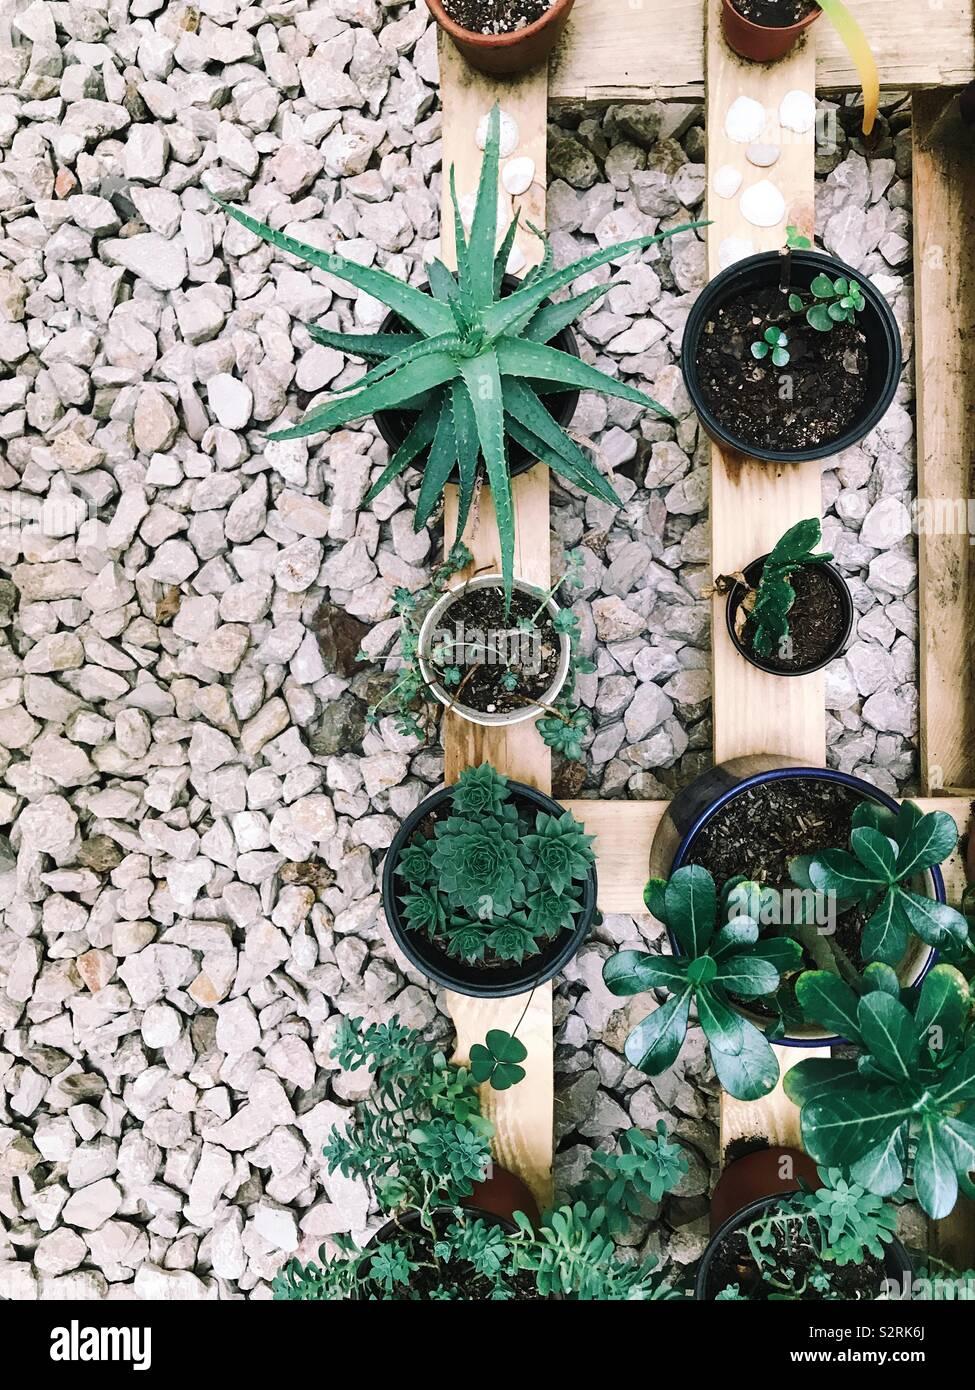 Groupe de plantes grasses sur un plateau en bois et marbre de gravier (vertical). L'aloe, hecheveria, et d'autres. Oaxaca de Juarez, Oaxaca, Mexique. 4 Juillet 2019 Banque D'Images